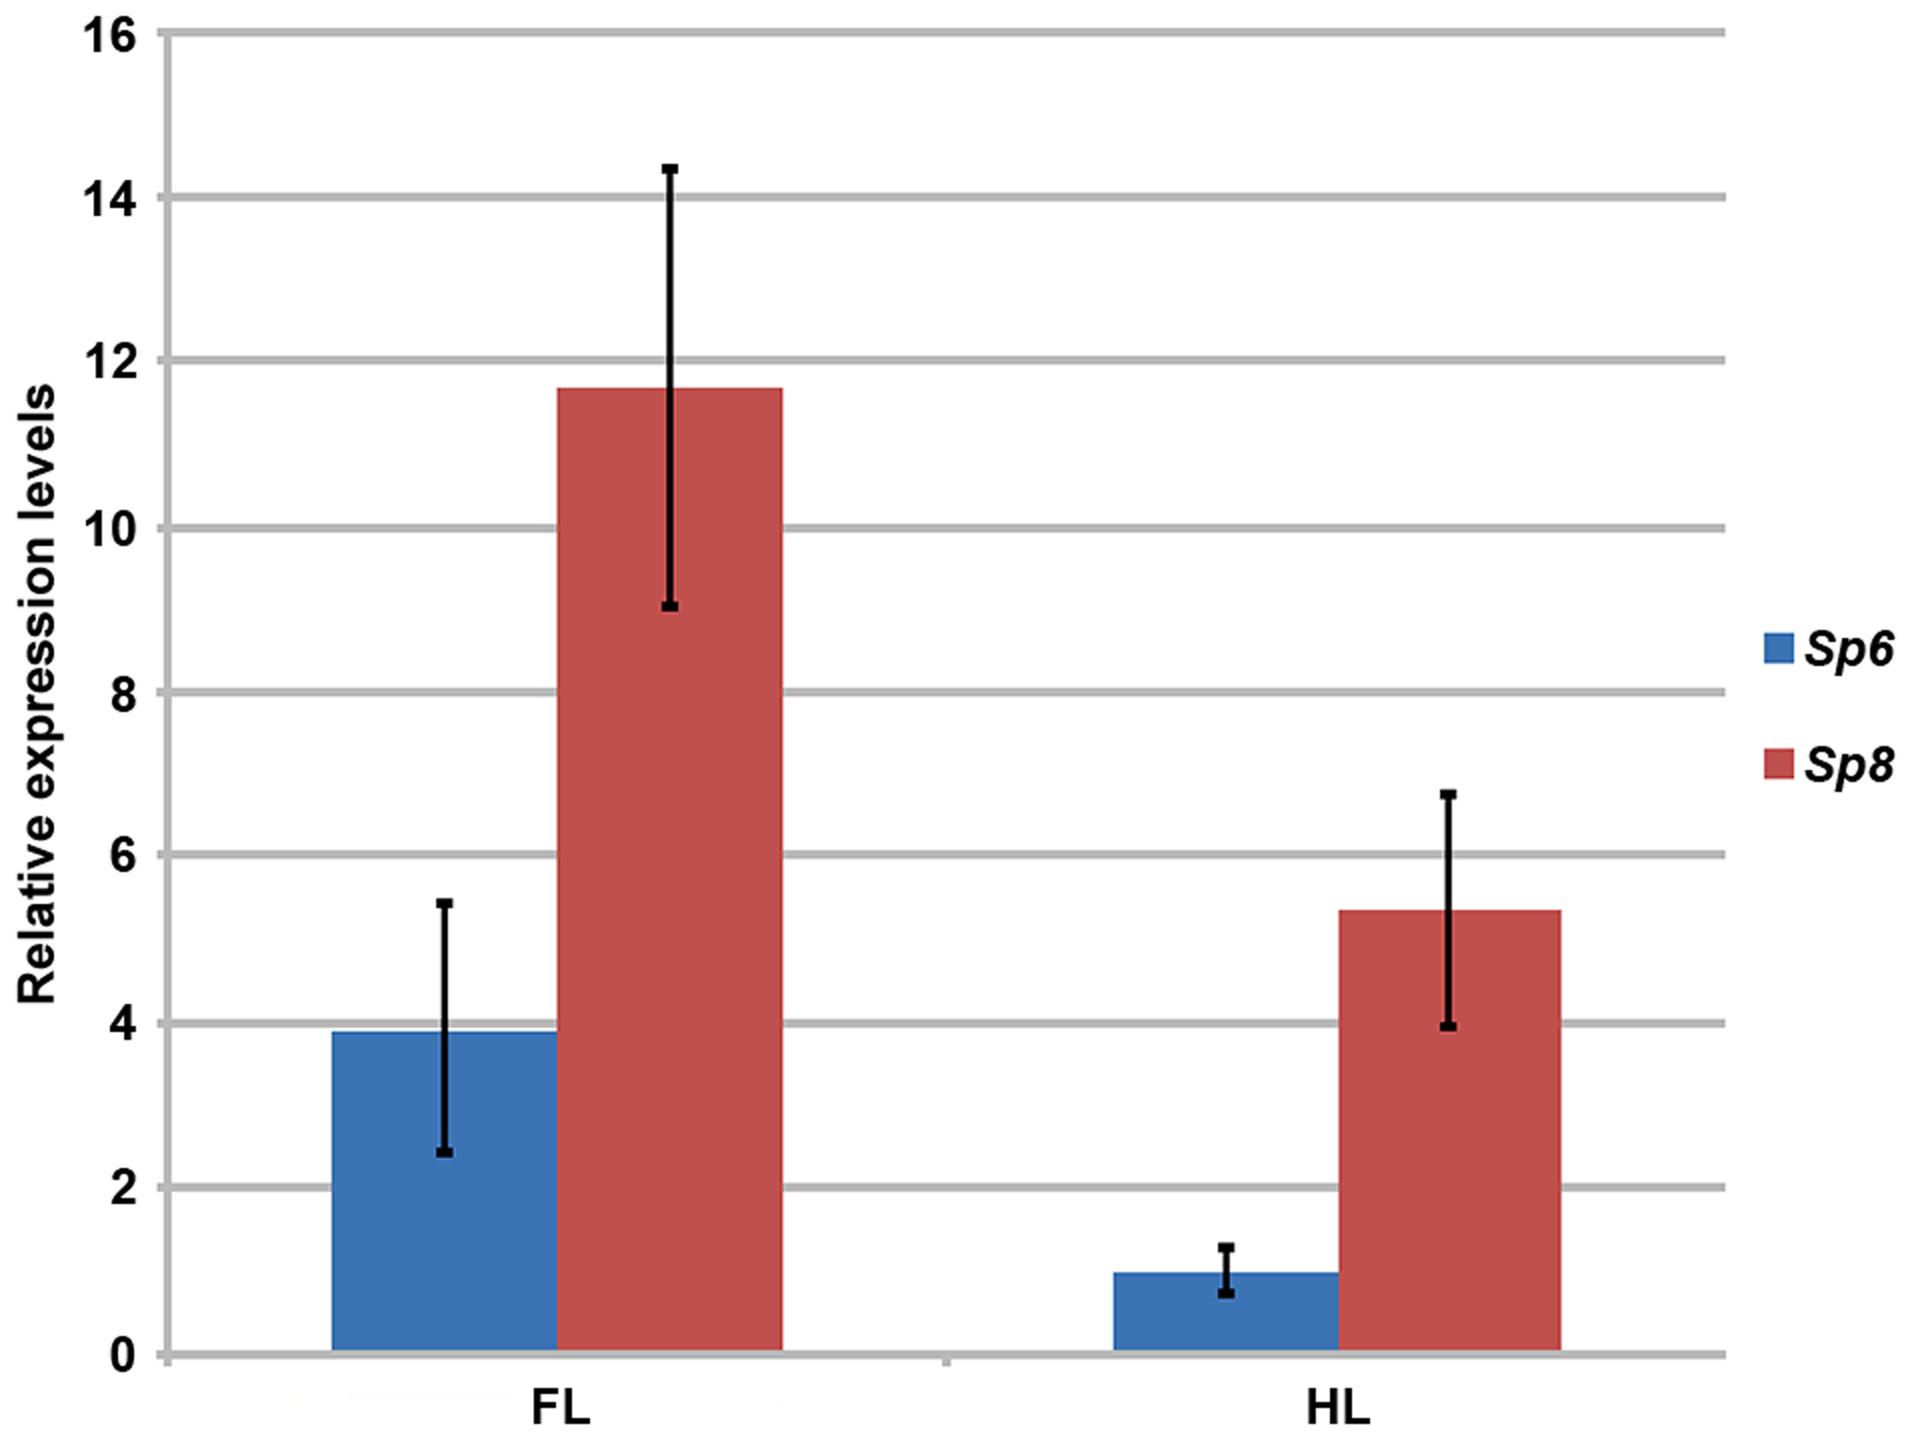 RT-qPCR quantification of <i>Sp6</i> and <i>Sp8</i> transcripts in the limb ectoderm of E10.5 control embryos.